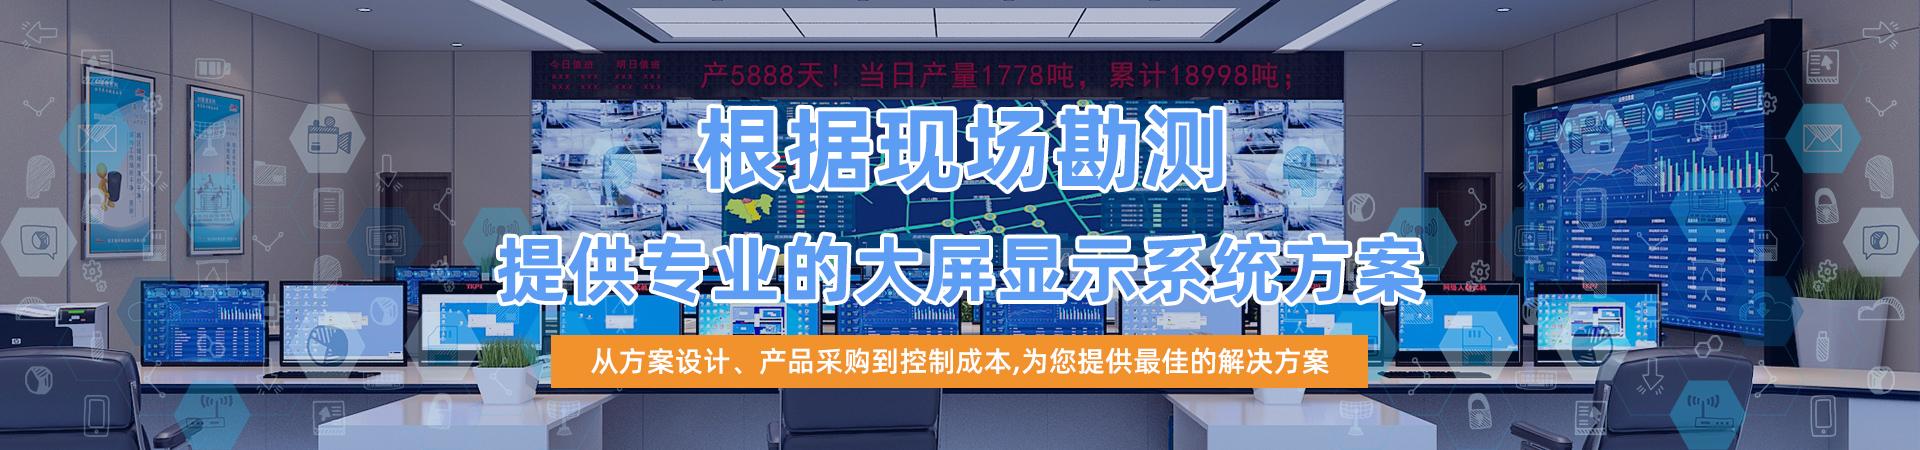 LED大屏拼接系统